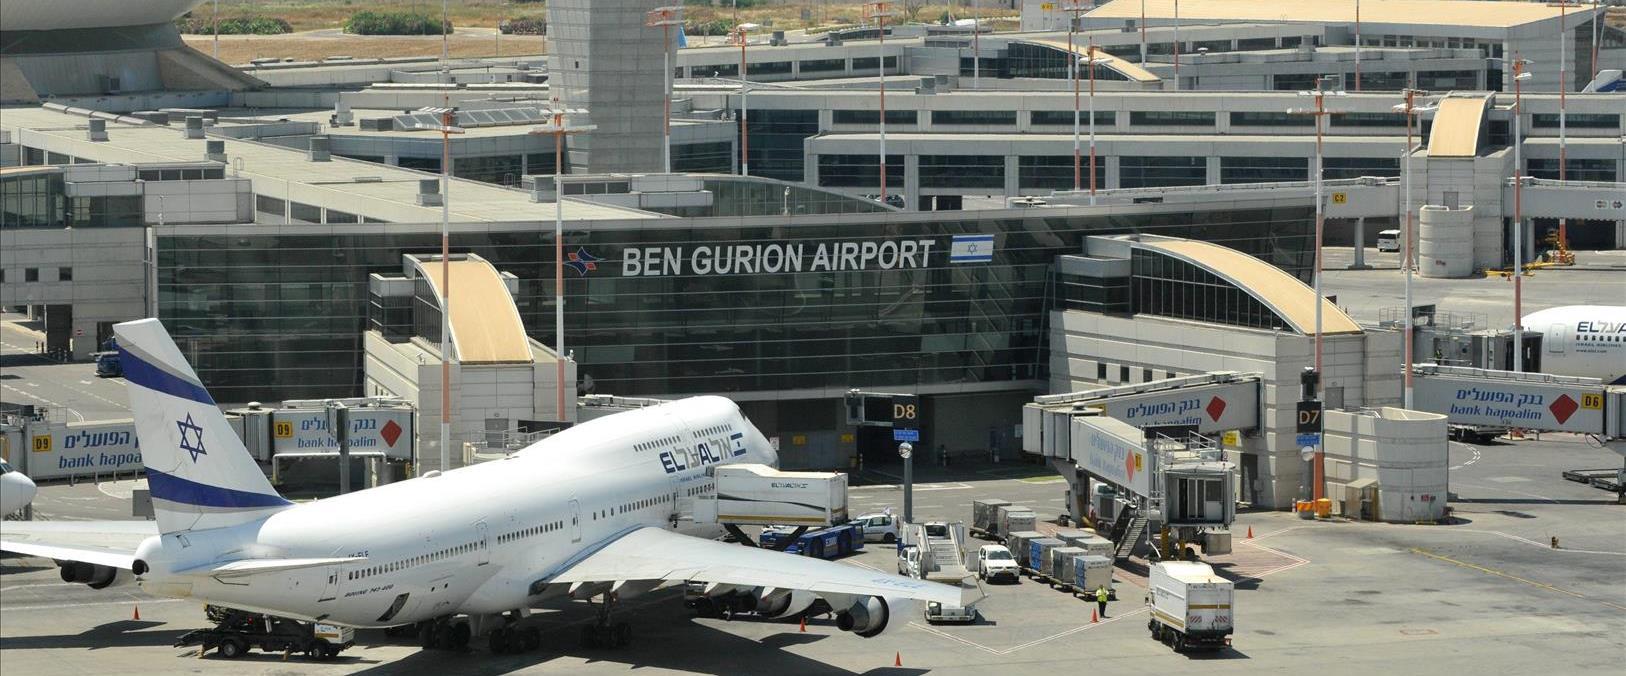 נמל התעופה בן גוריון, מבט מלמעלה